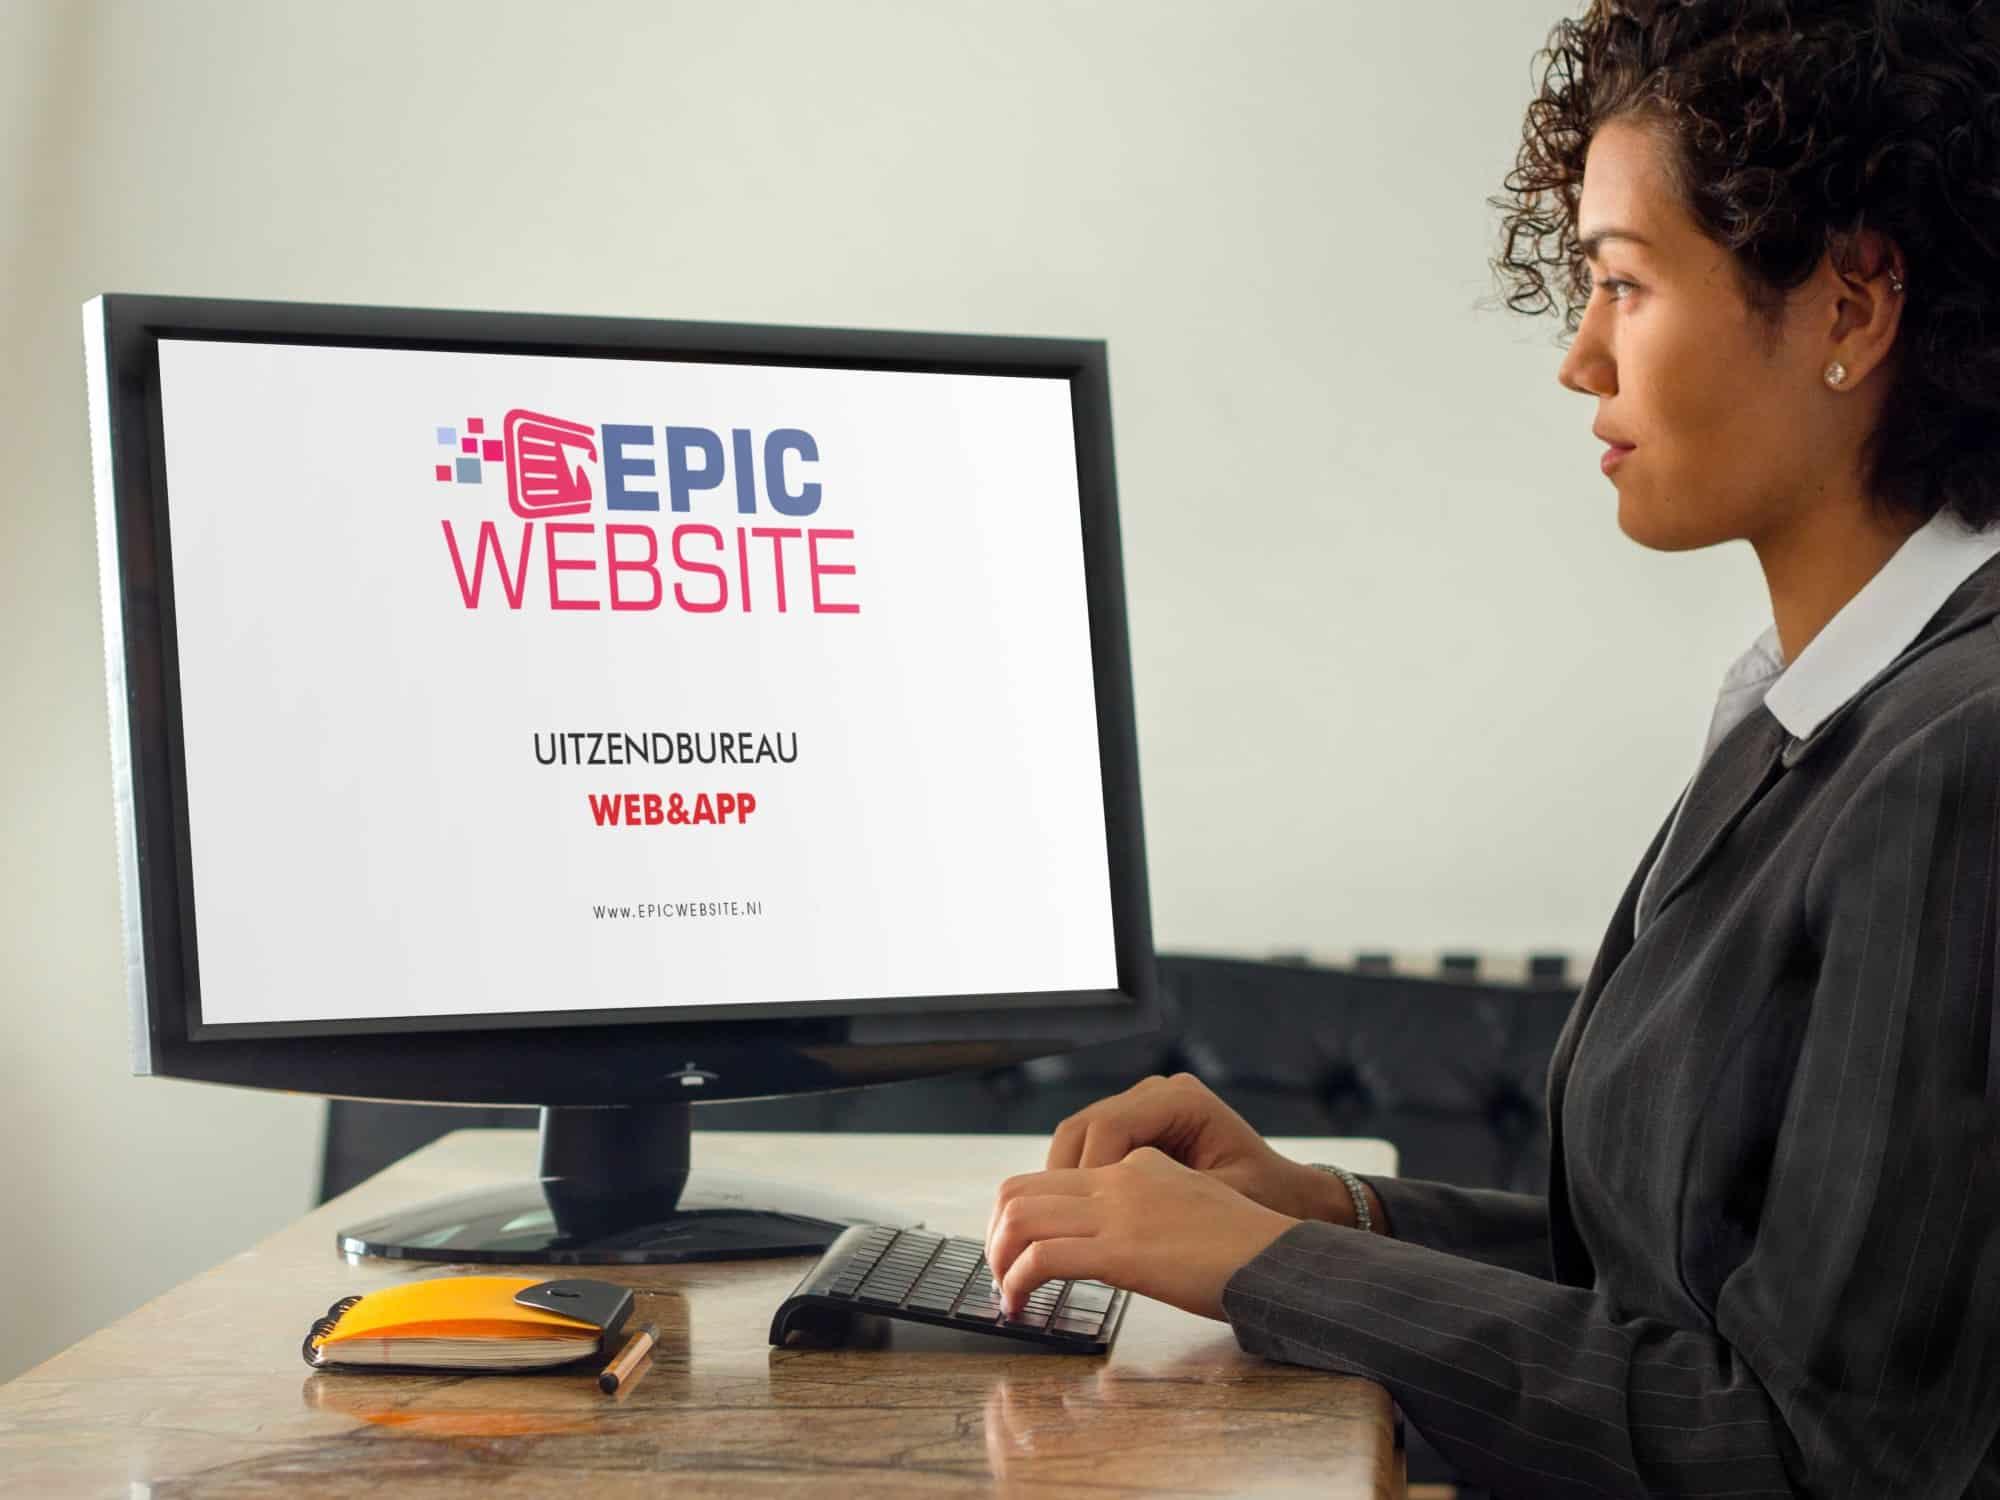 Een op maat gemaakte website voor een uitzendbureau laten ontwikkelen